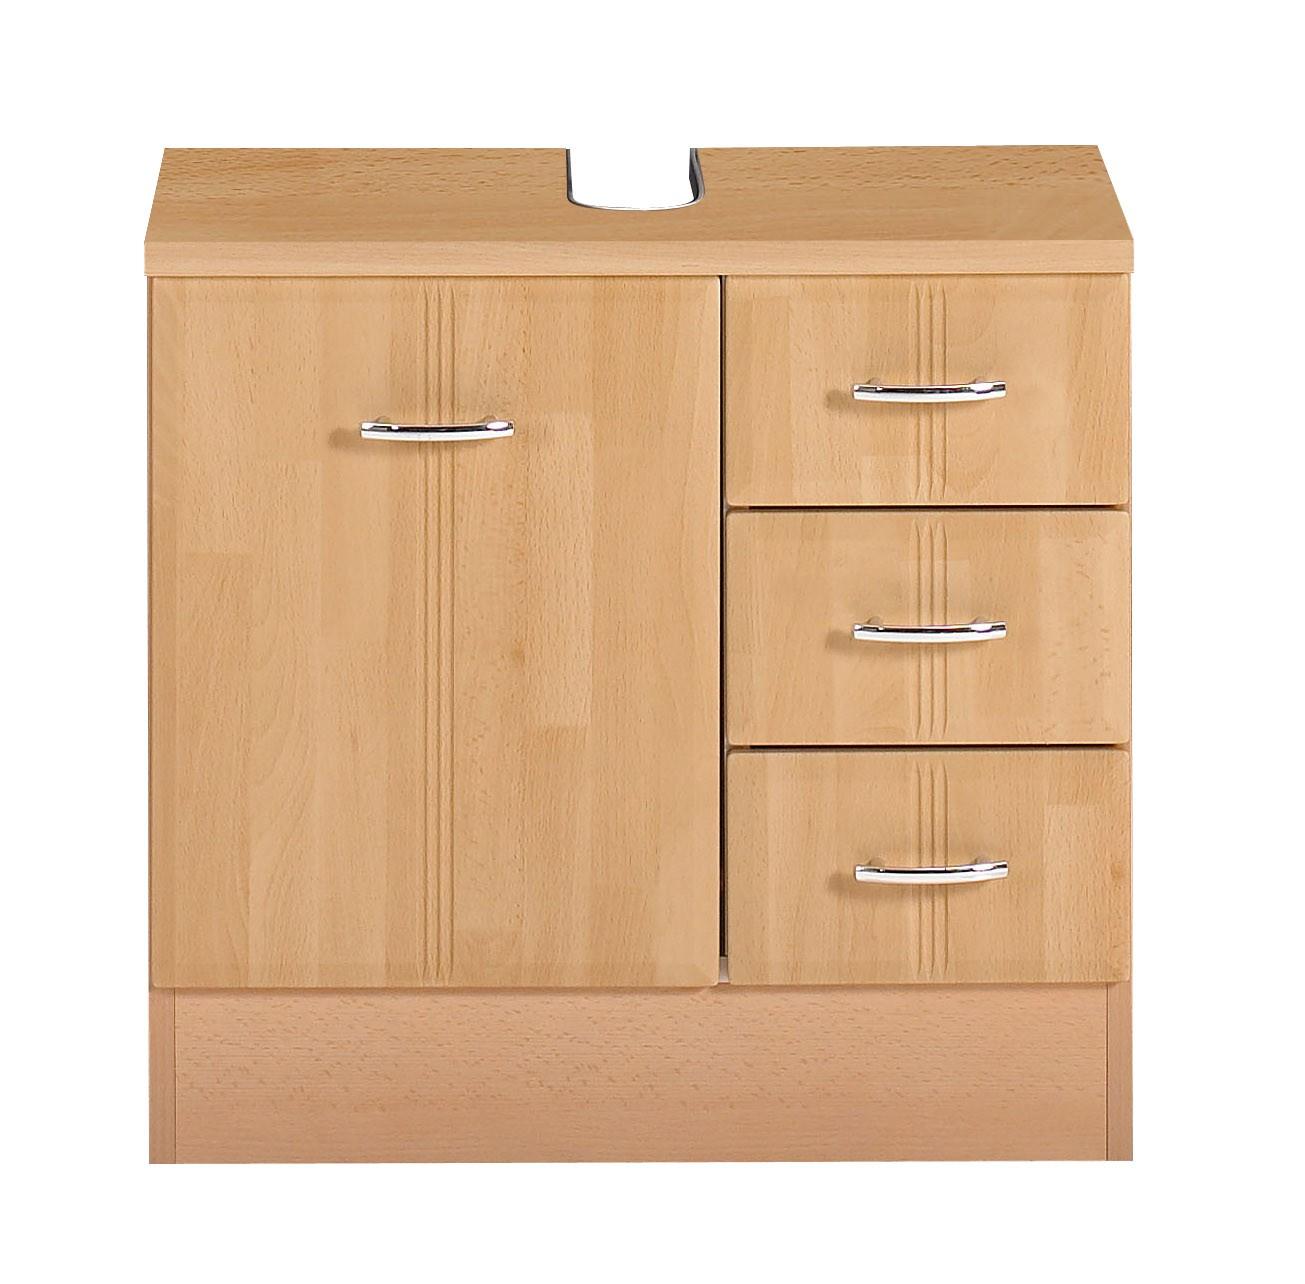 bad waschbeckenunterschrank arta 1 t rig 3 schubladen 60 cm breit buche bad. Black Bedroom Furniture Sets. Home Design Ideas